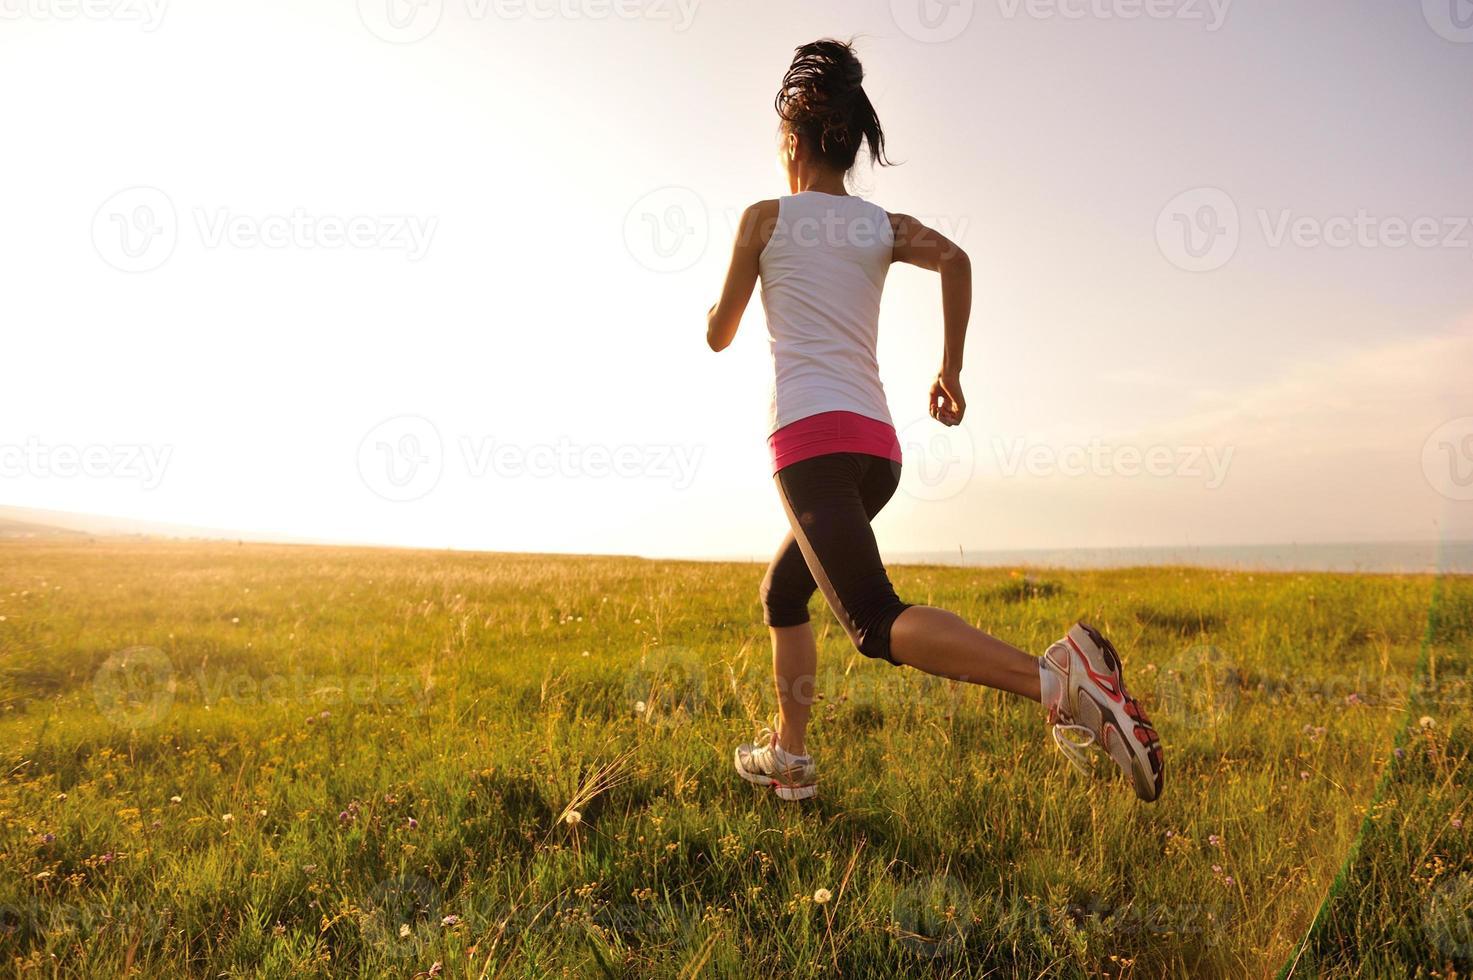 atleta corridore in esecuzione sul campo di erba alba / tramonto foto